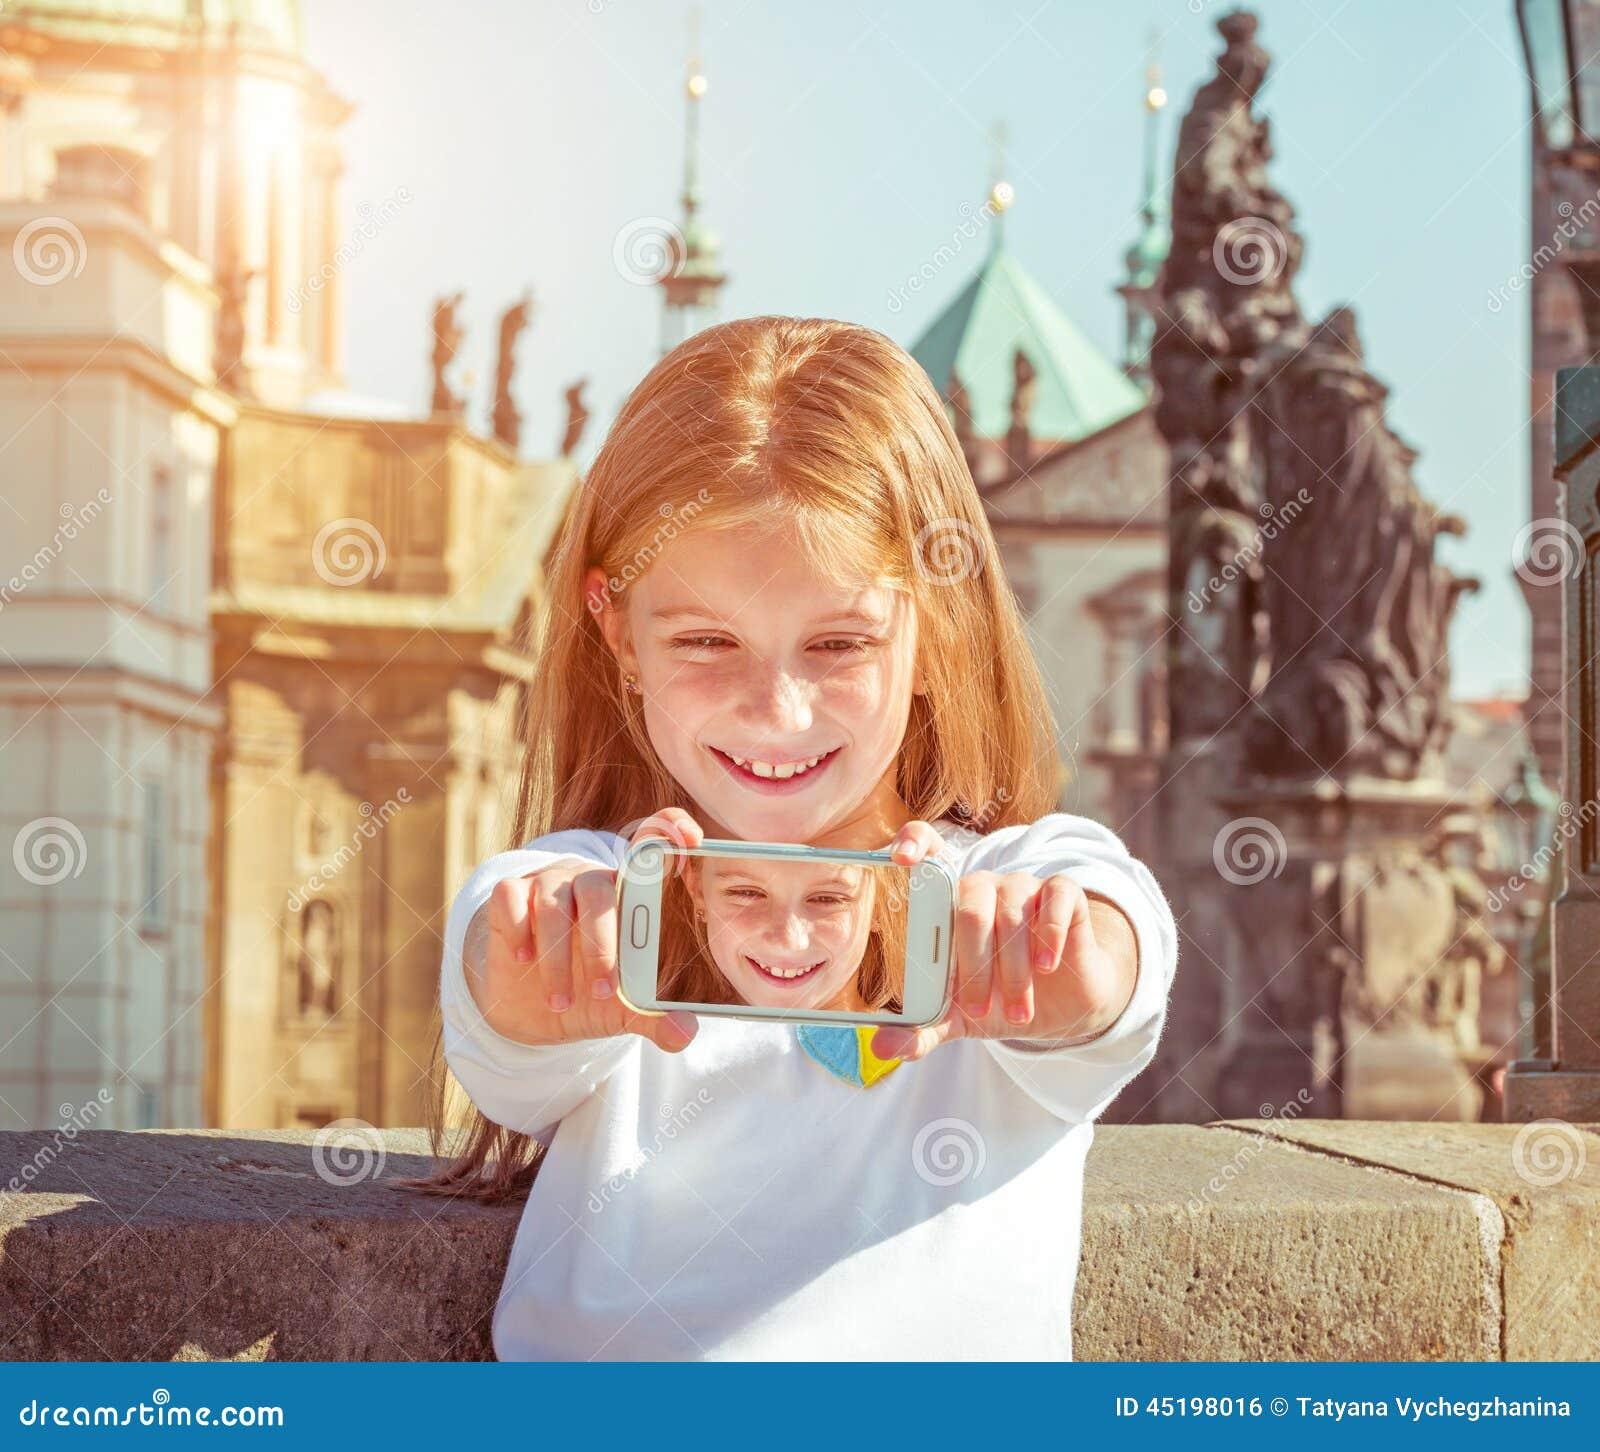 美丽的小女孩为照相她的自已